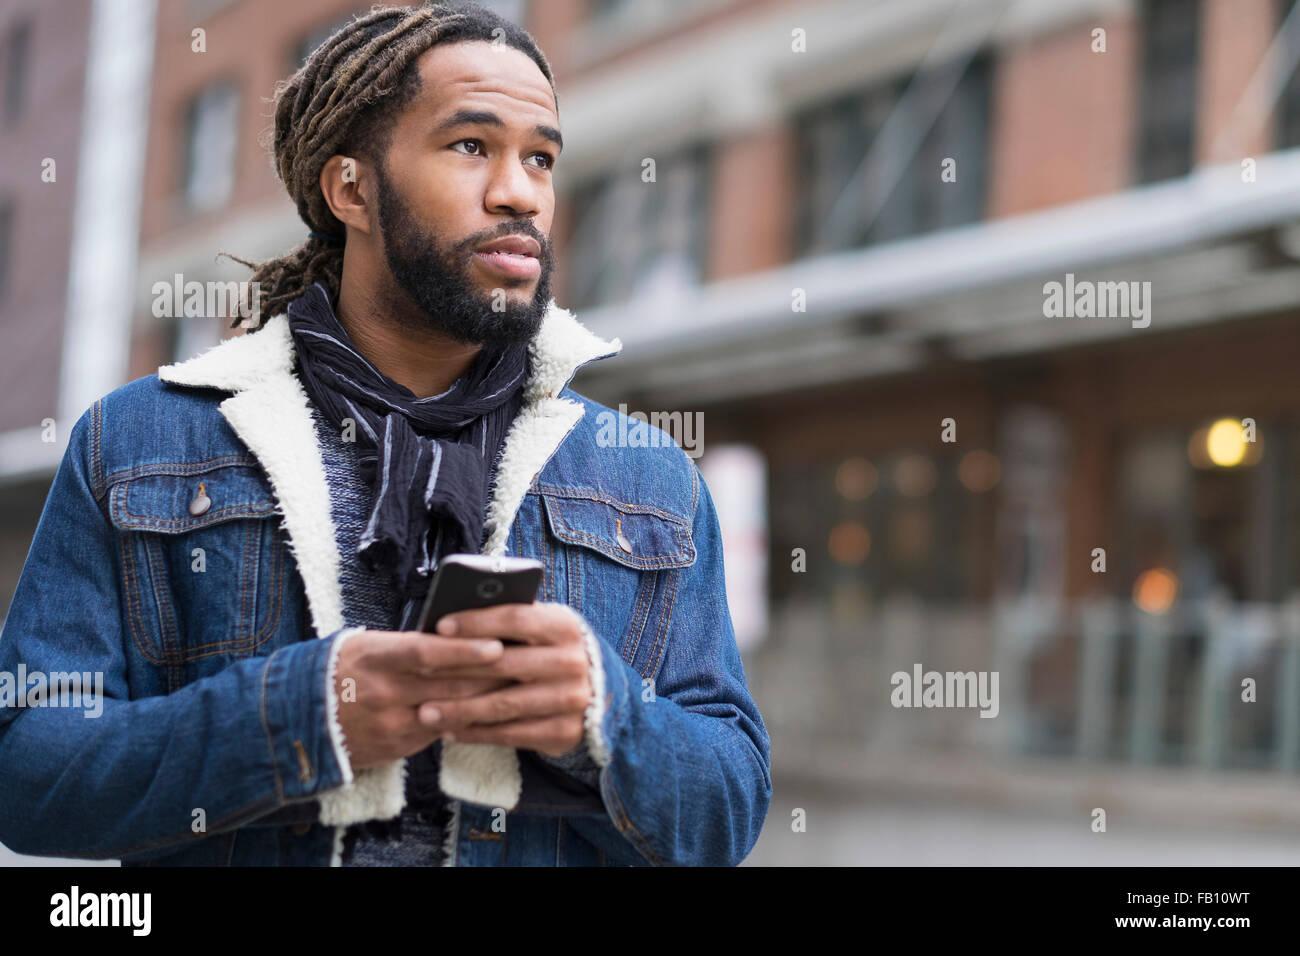 Uomo serio con dreadlocks azienda smart phone in strada Immagini Stock